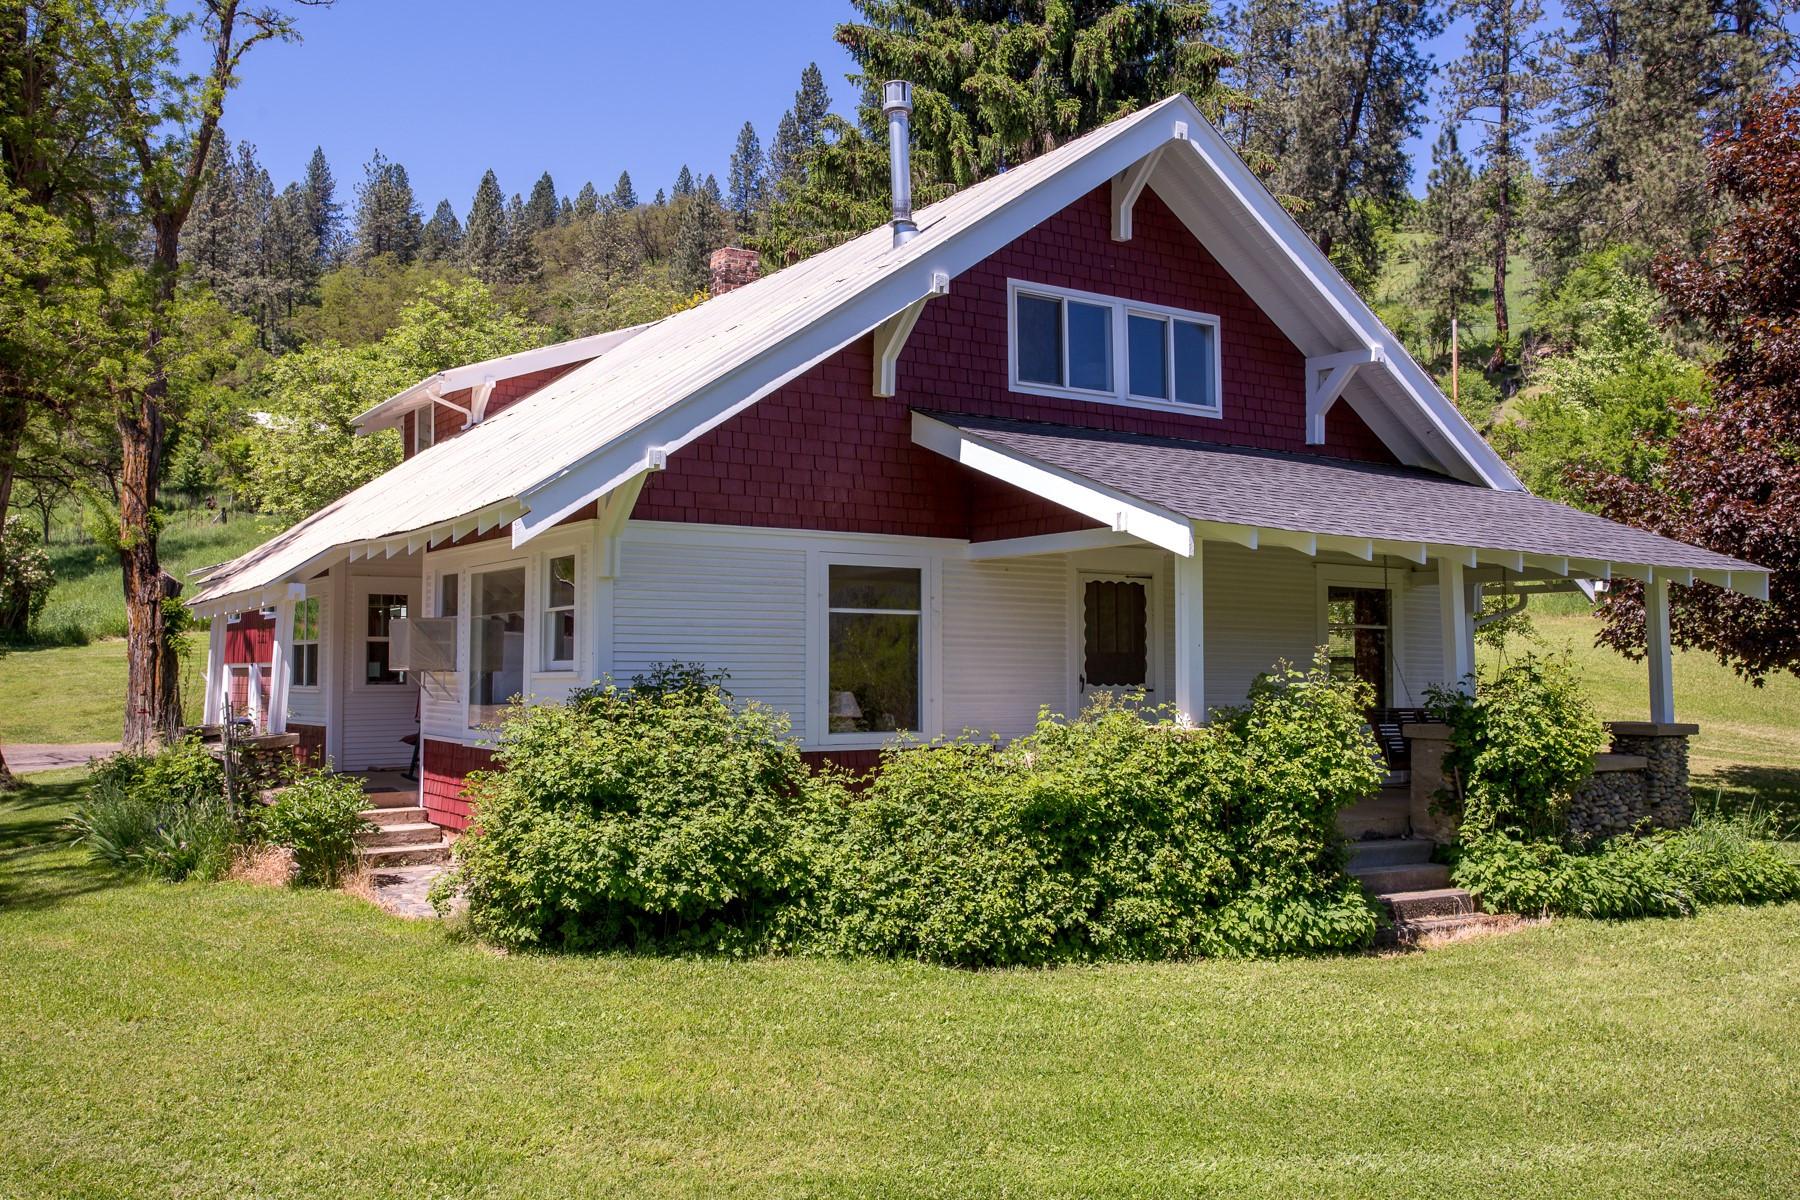 Casa para uma família para Venda às CLASSIC CRAFTSMAN RETREAT WITH A VIEW 1117 Ridgewood Drive Kamiah, Idaho, 83536 Estados Unidos